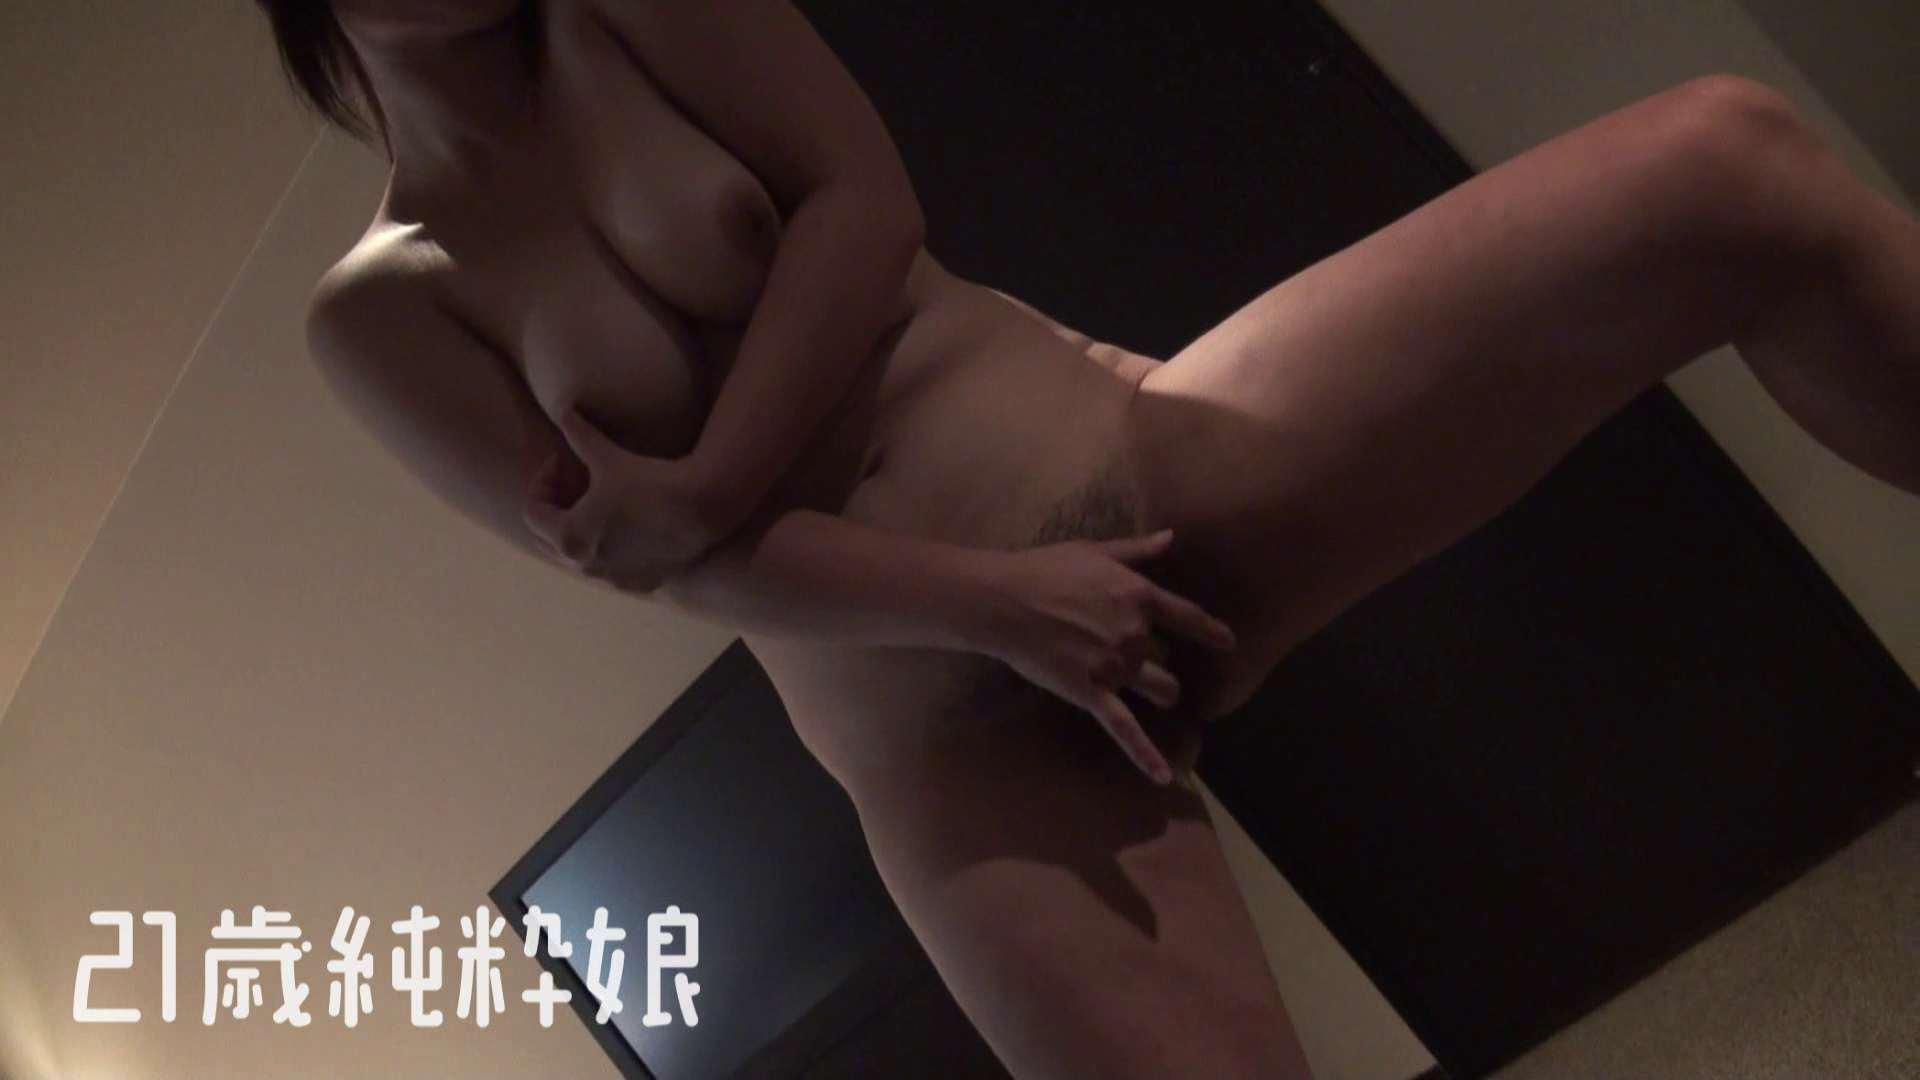 上京したばかりのGカップ21歳純粋嬢を都合の良い女にしてみた2 一般投稿  102pic 16